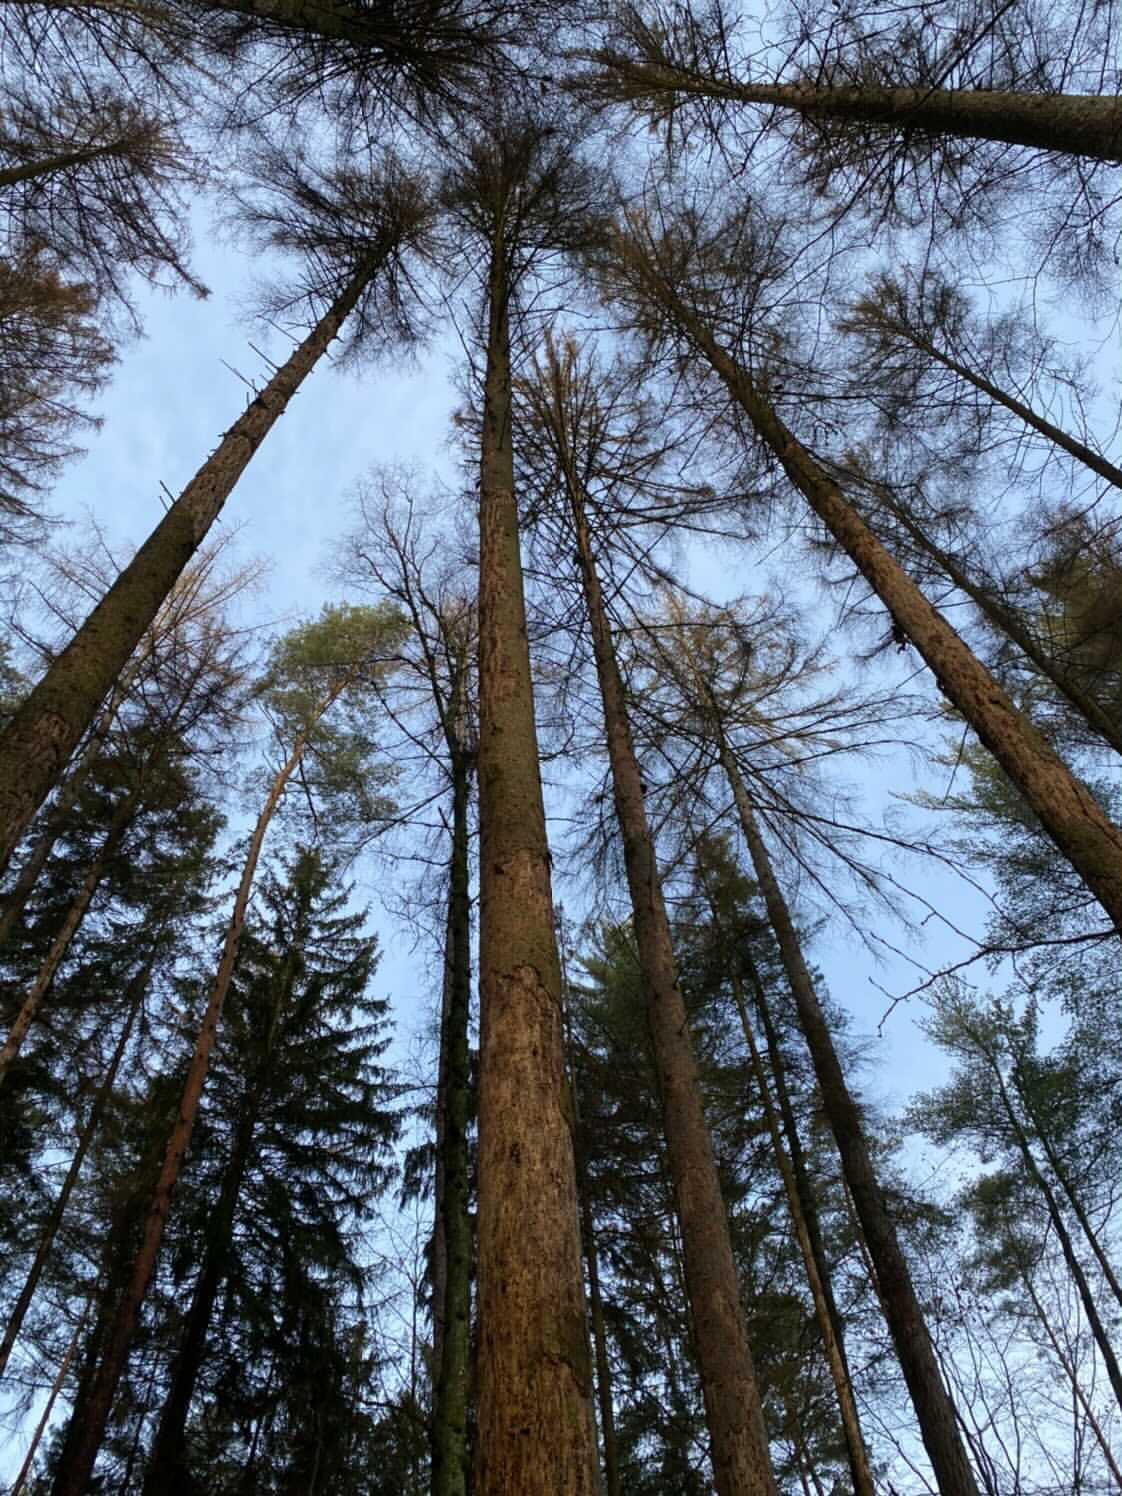 WaldsterbenflcTjMcaA2Okg